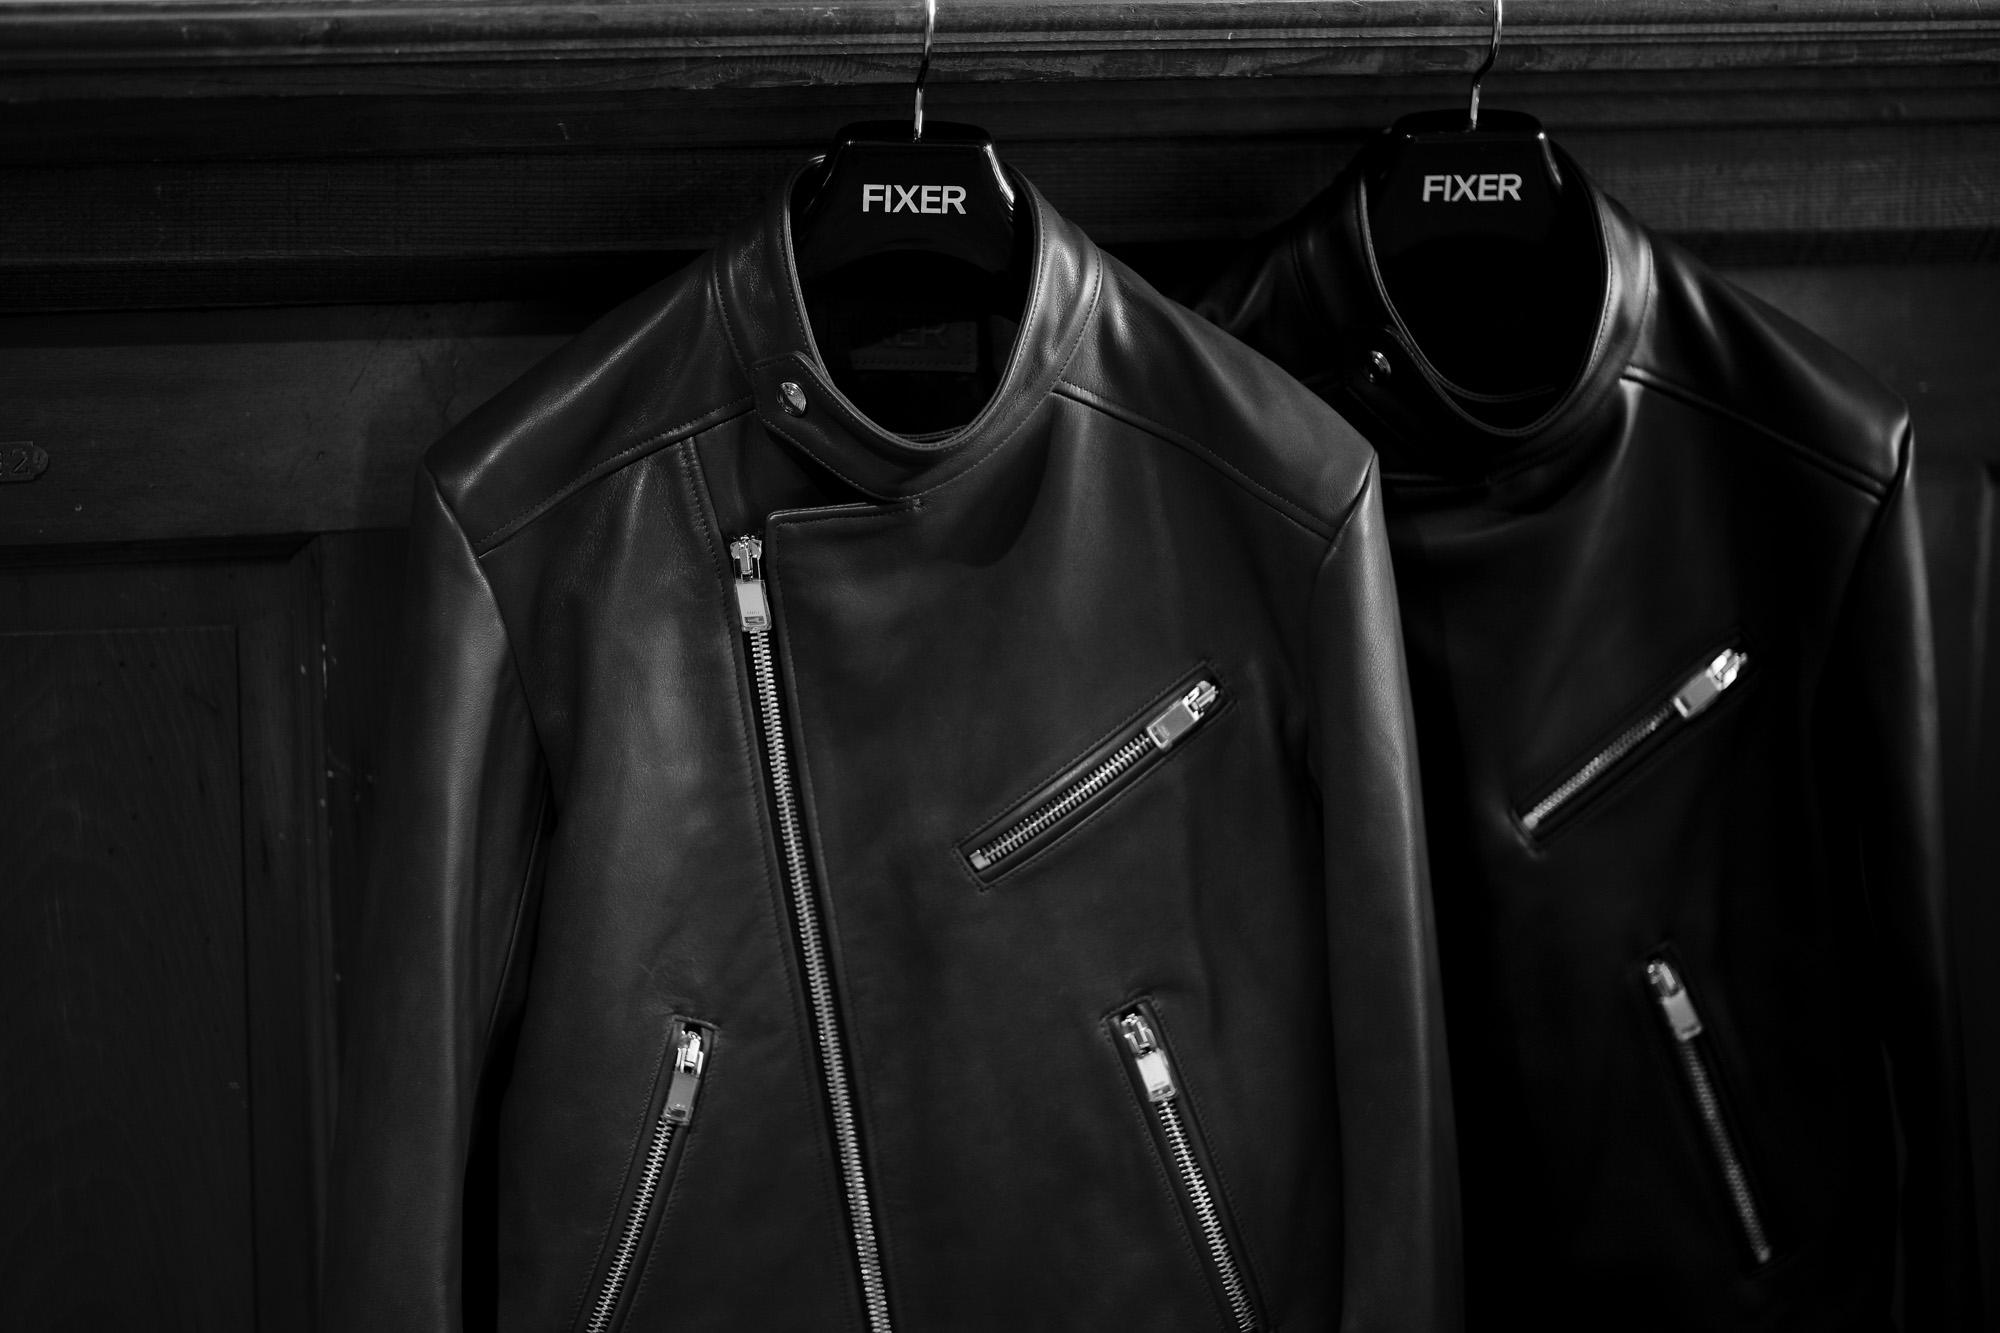 FIXER F1 DOUBLE RIDERS Cow Leather BLACK,BROWN フィクサー エフワン ダブルライダース ブラック ブラウン レザージャケット ライダースジャケット 愛知 名古屋 Alto e Diritto altoediritto アルトエデリット